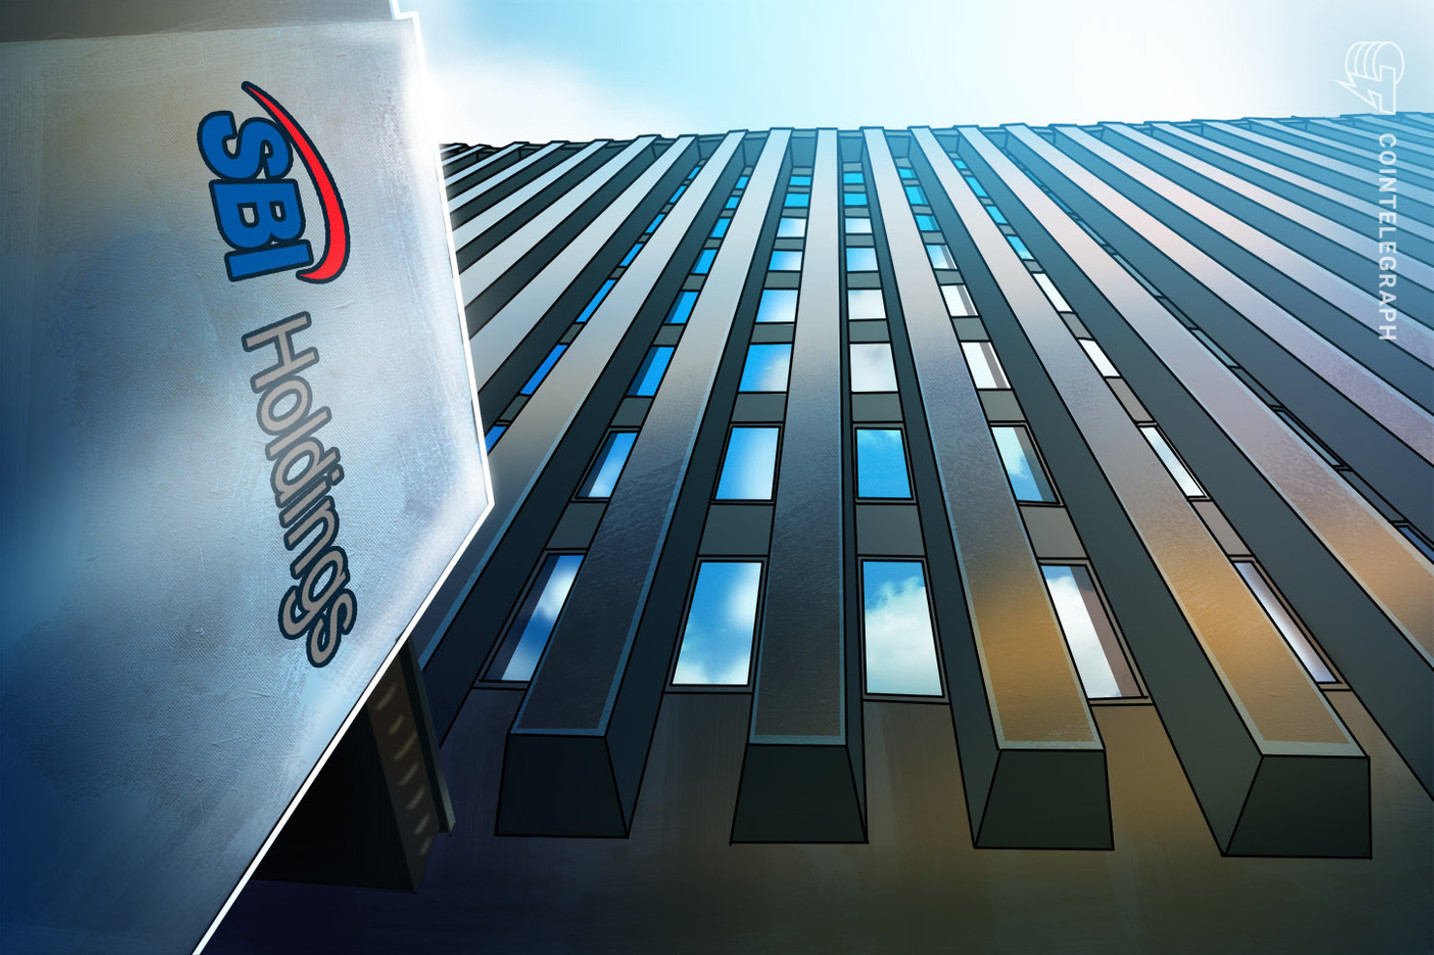 SBI決算|仮想通貨取引所SBIVCの初年度黒字化、リップル社との提携強化、マイニングやSTOの展望を発表【北尾氏の発言を追記】